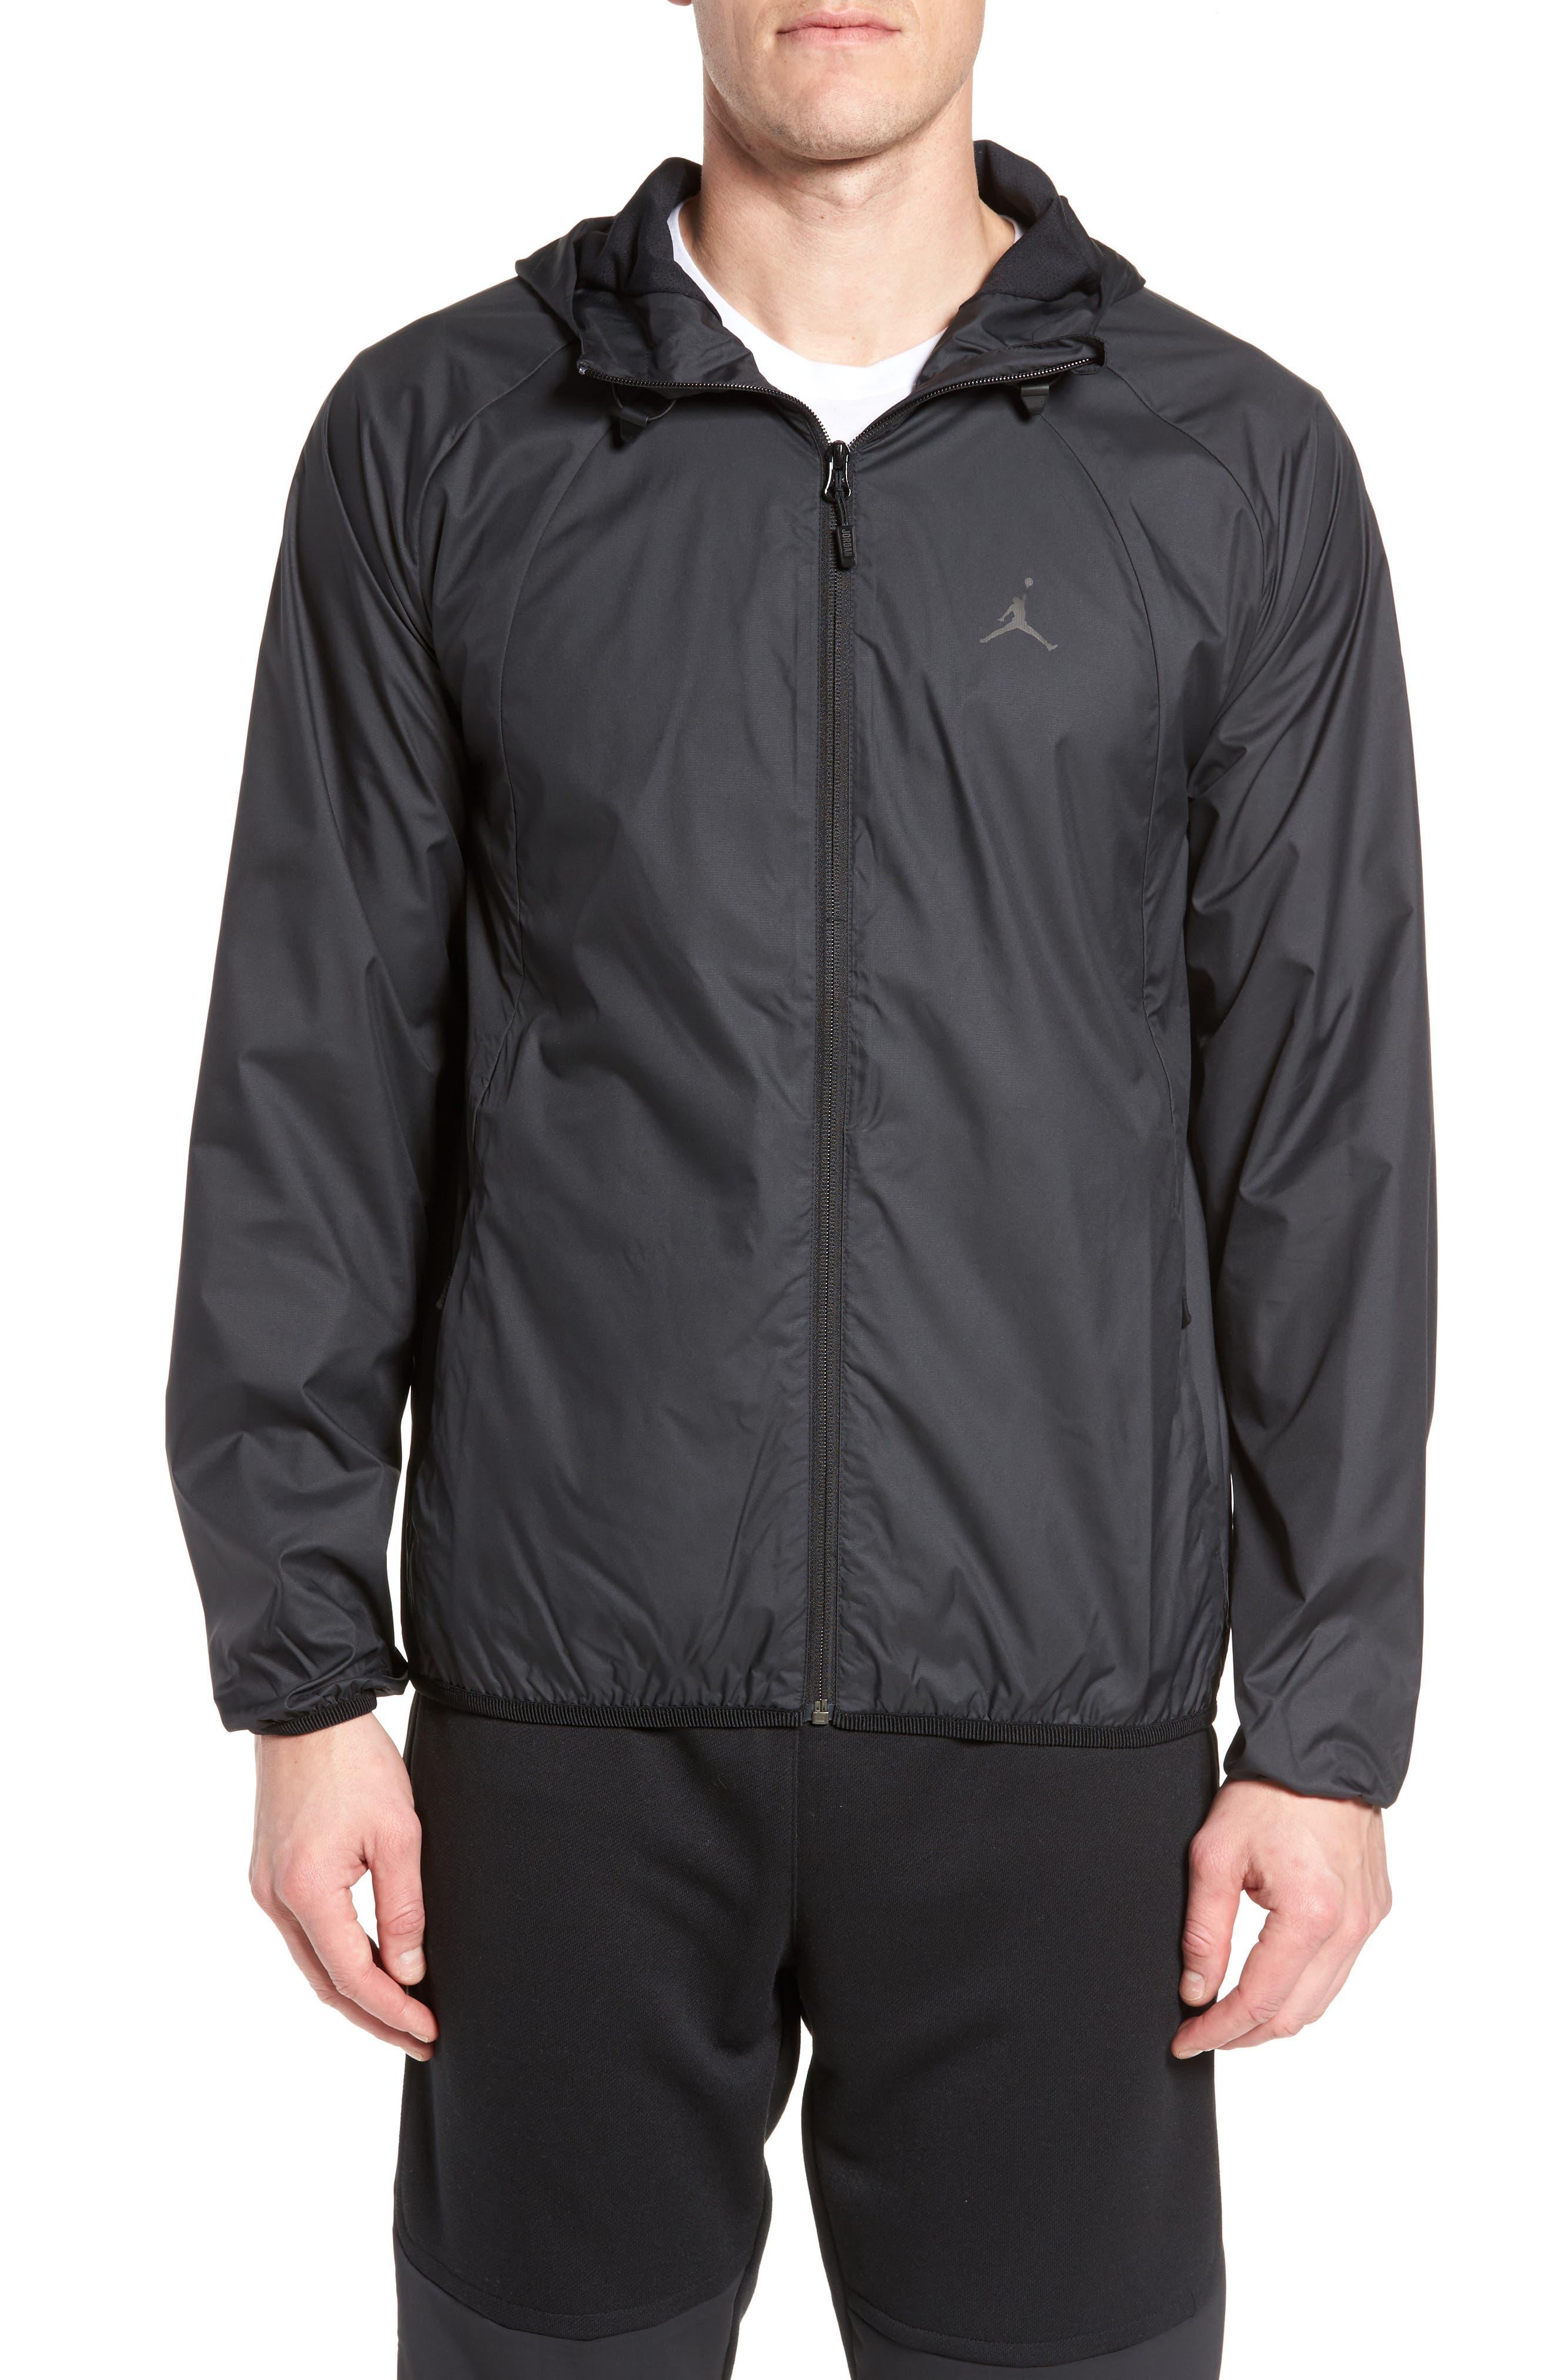 Sportswear Wings Windbreaker Jacket,                             Main thumbnail 1, color,                             010